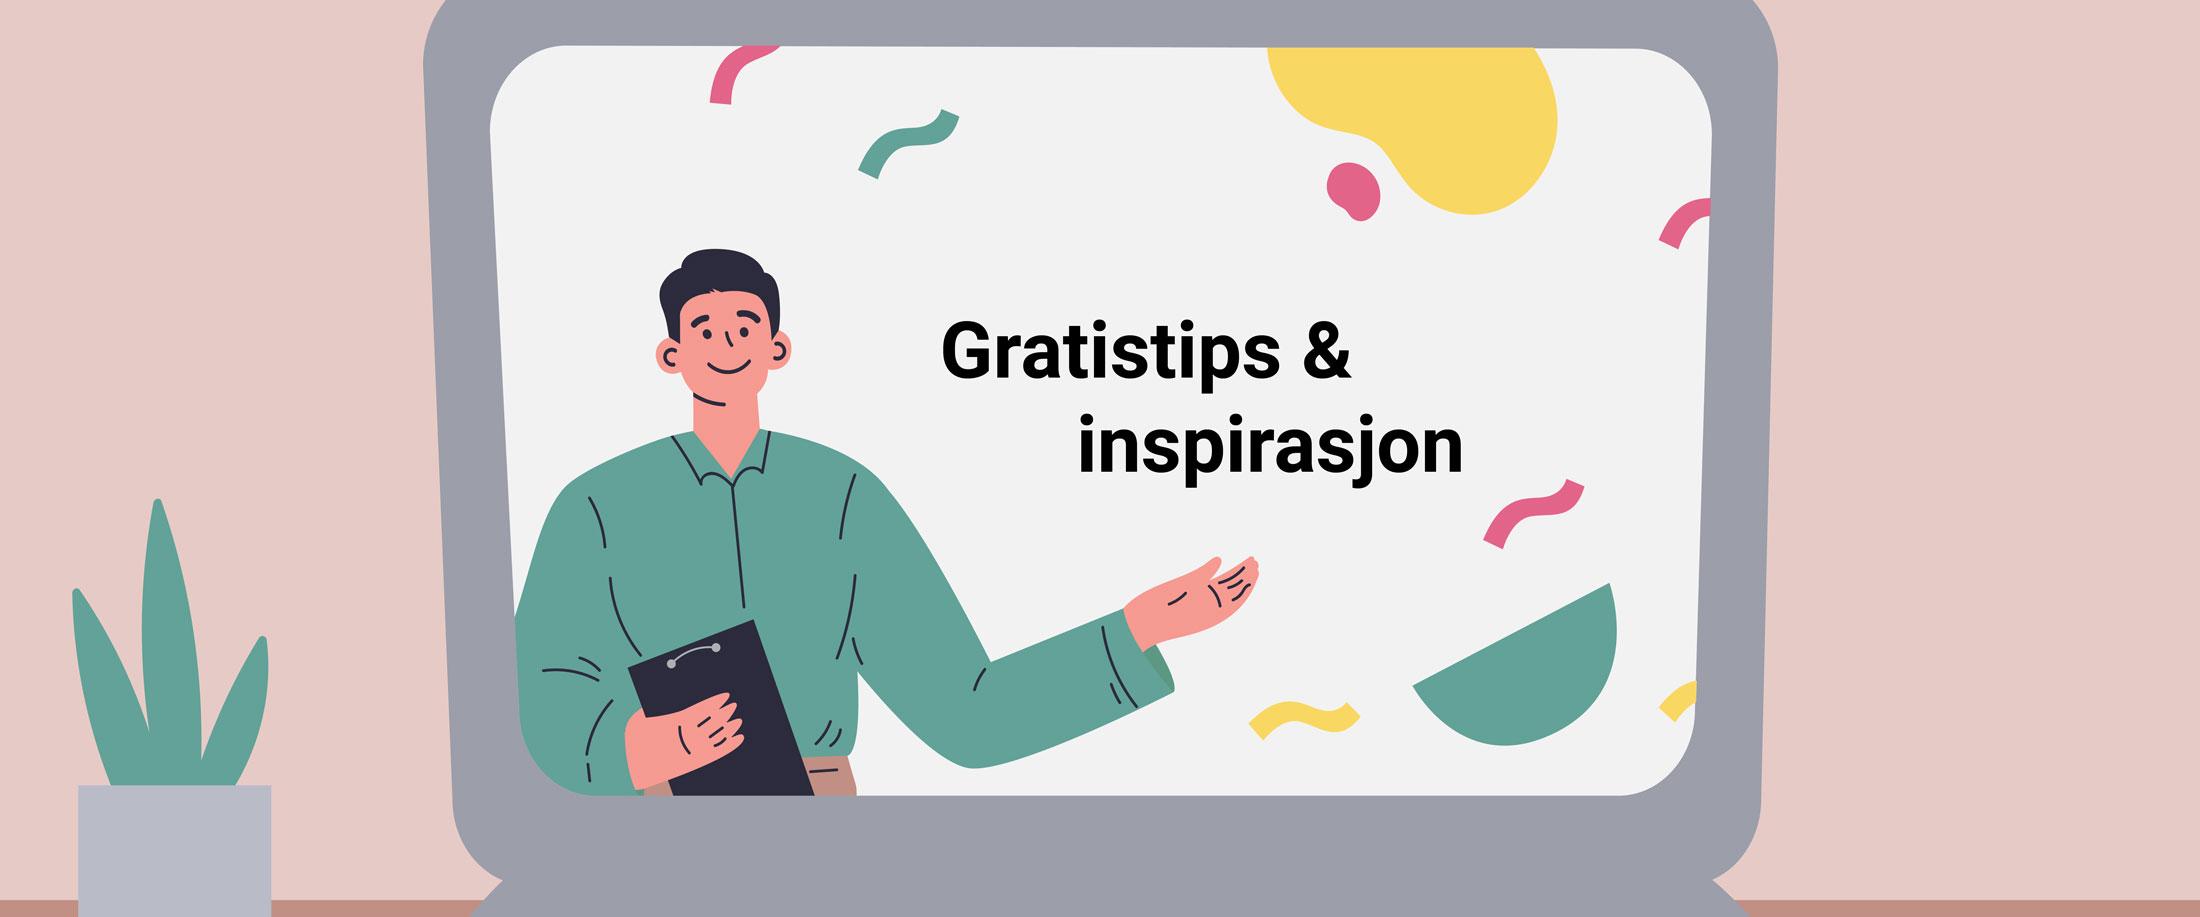 gratis tips og inspirasjon for næringsdrivende i krisetider